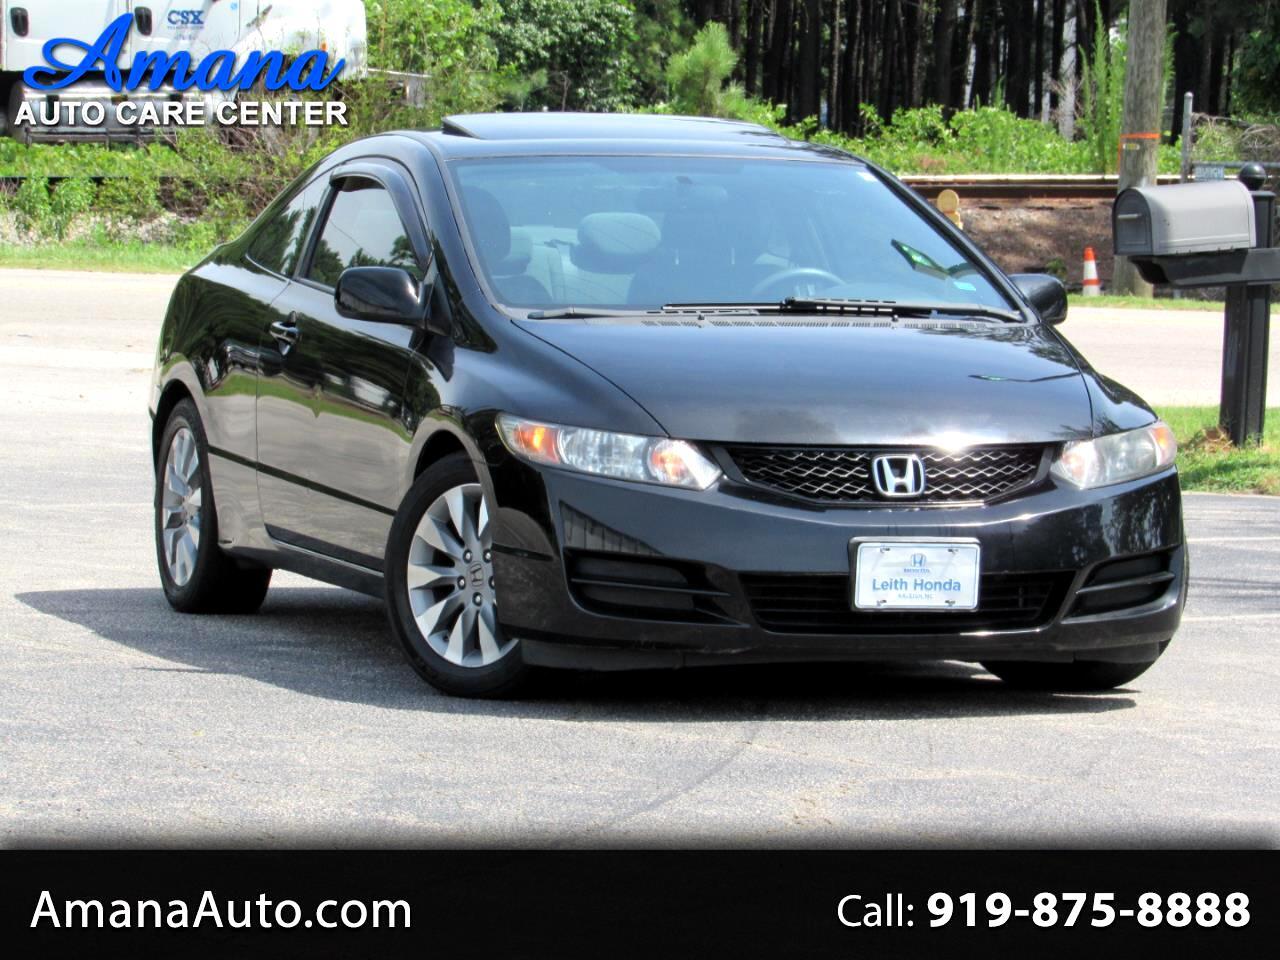 2011 Honda Civic Cpe 2dr Auto EX